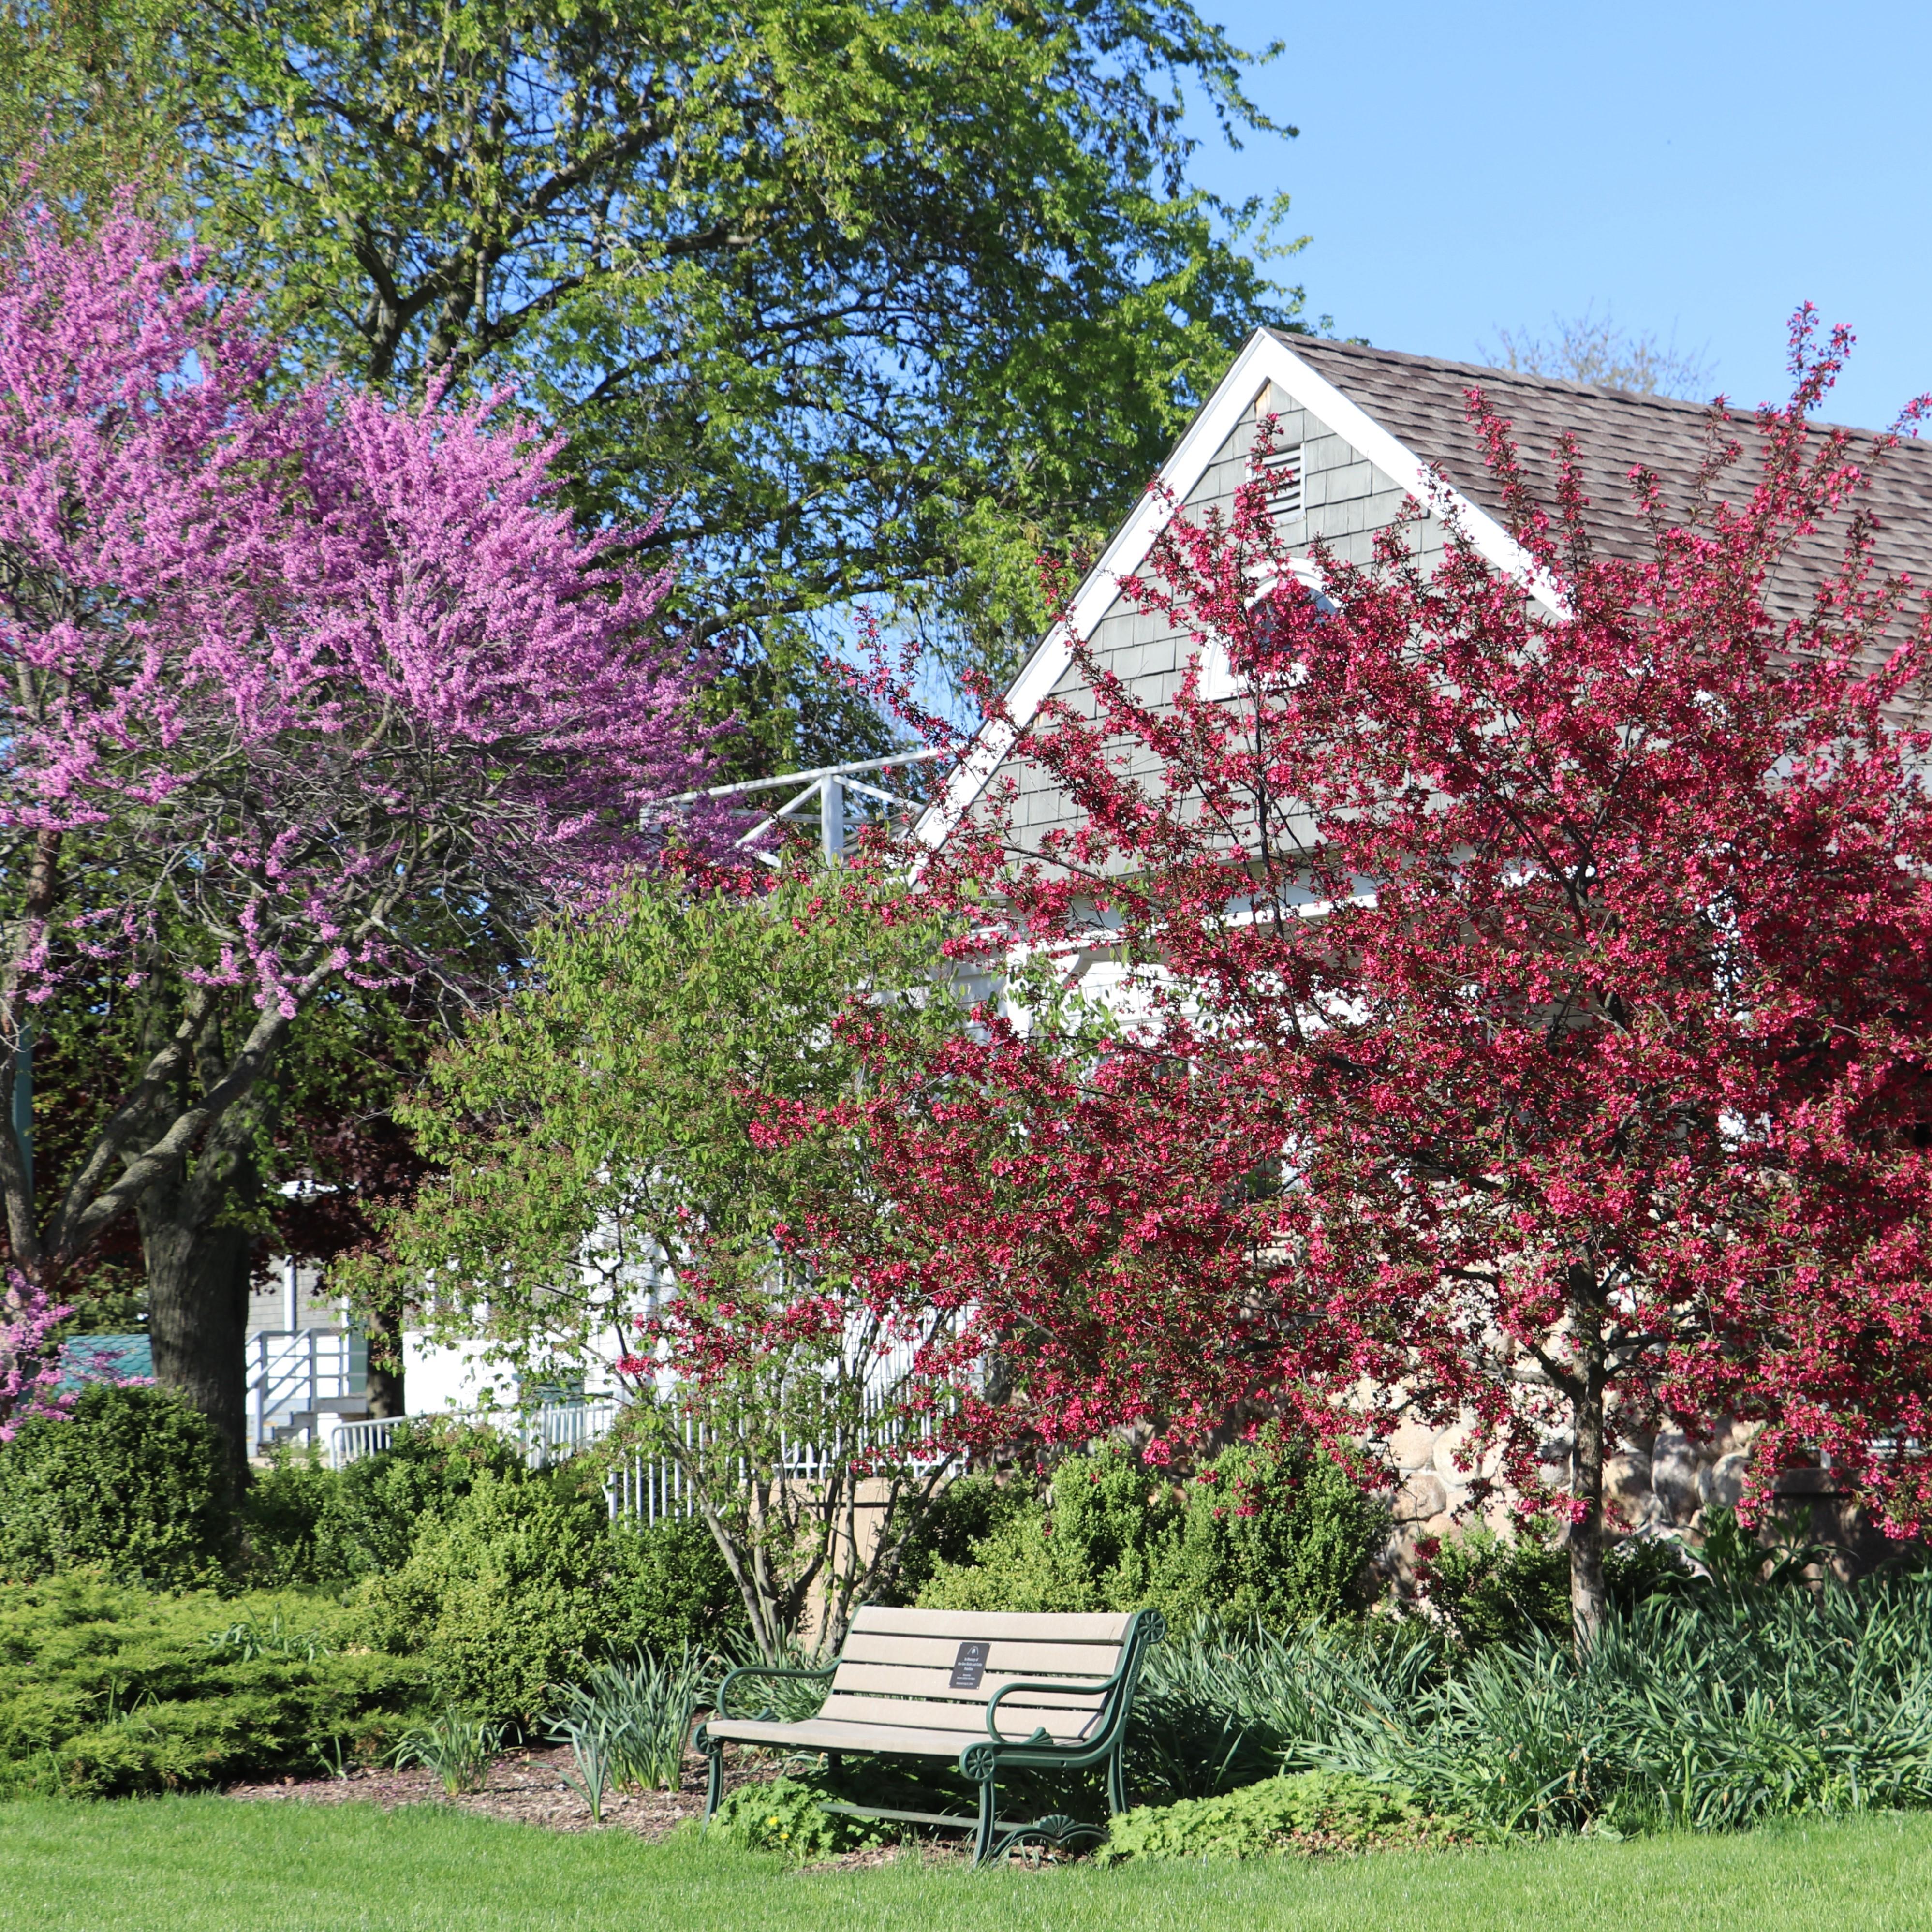 Viking Park Community Center